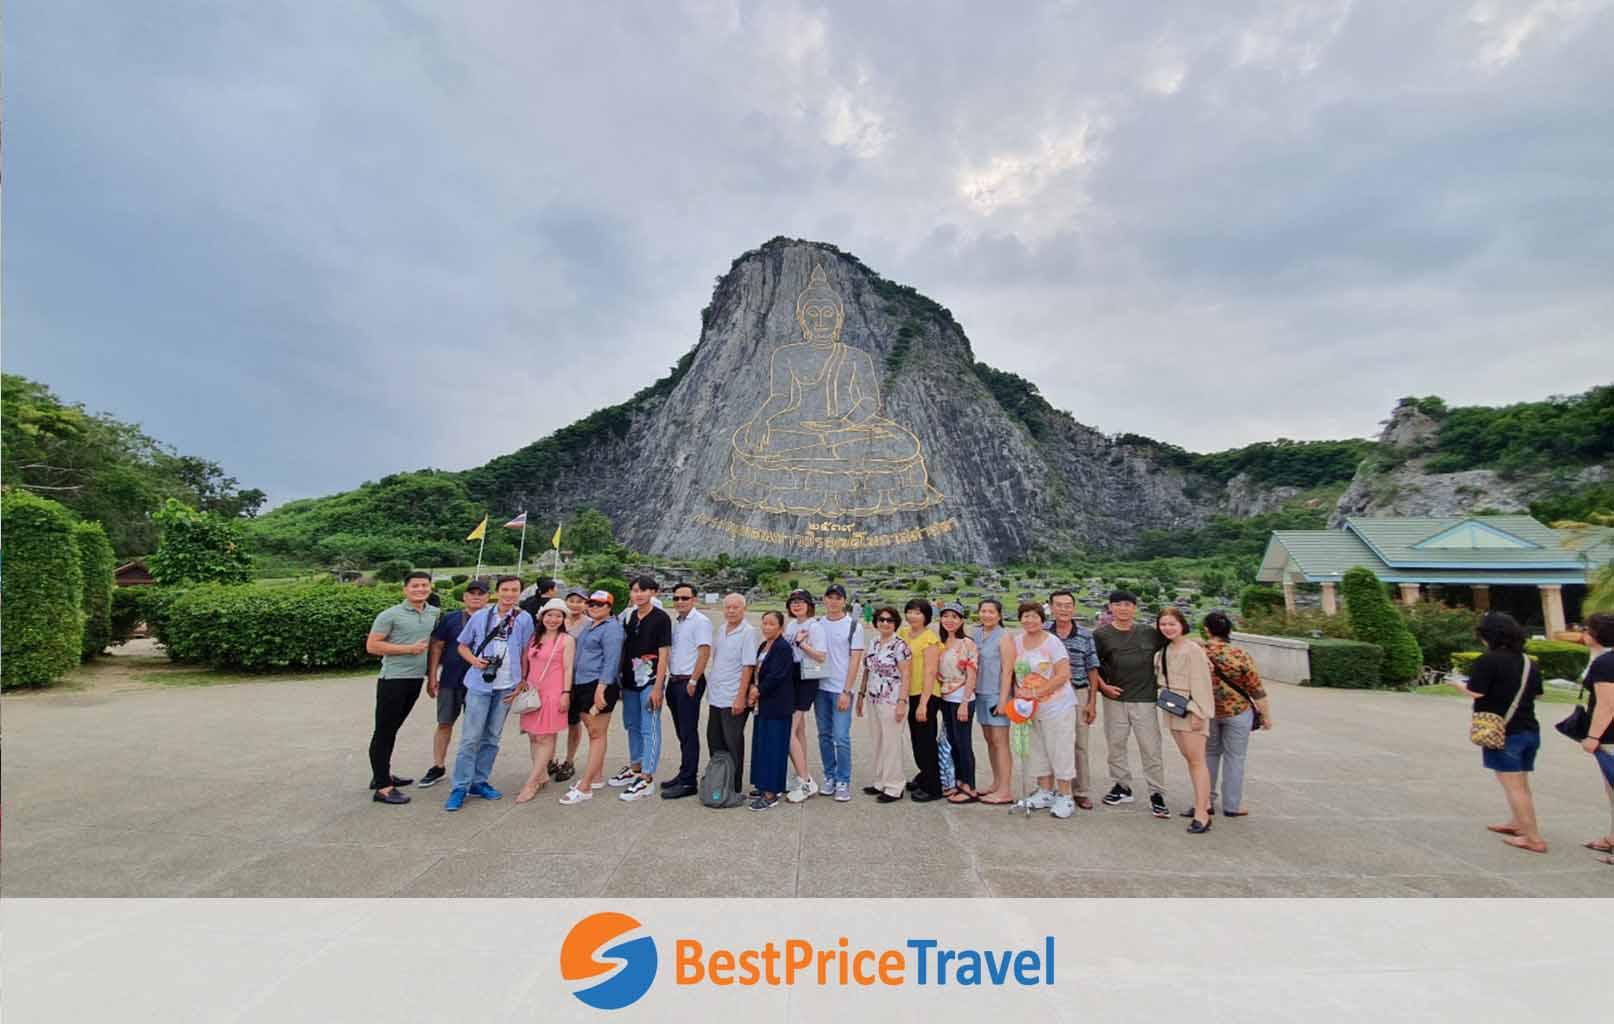 Khách hàng BestPrice tham quan Trân Bảo Phật Sơn